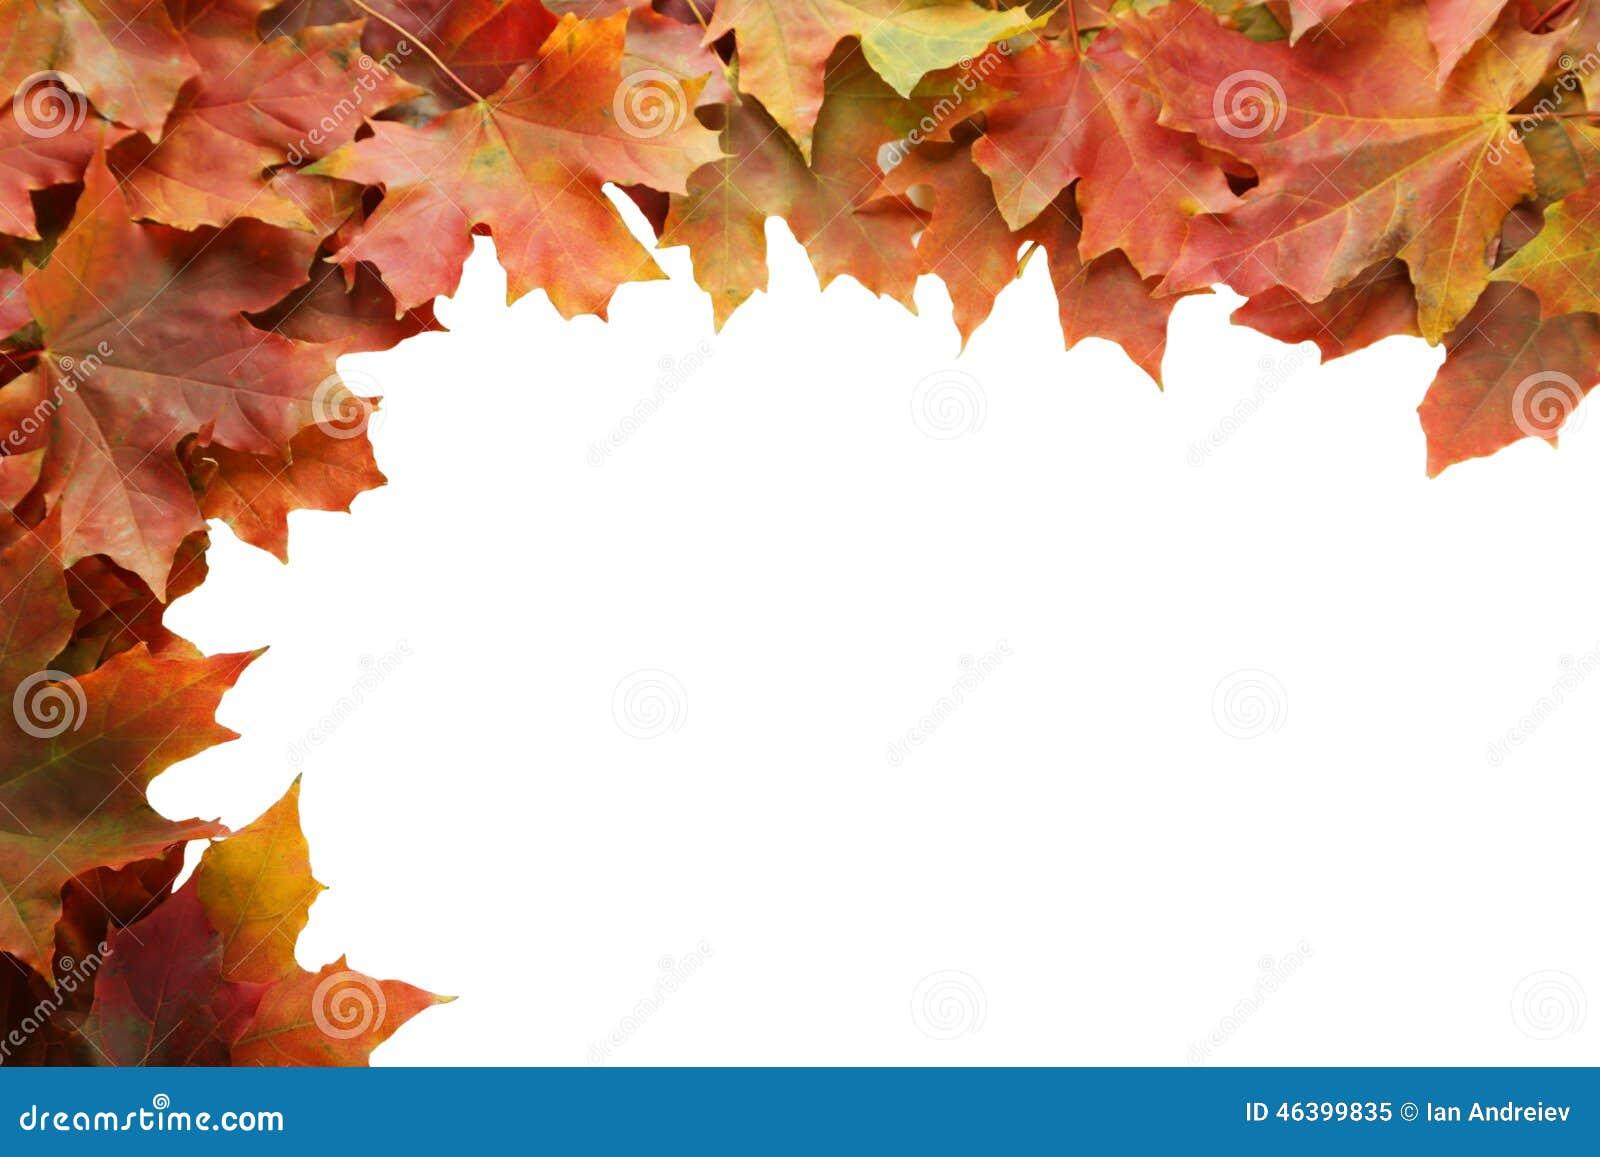 Herbst Treibt Rahmen Auf Weissem Hintergrund Blatter Stockbild Bild